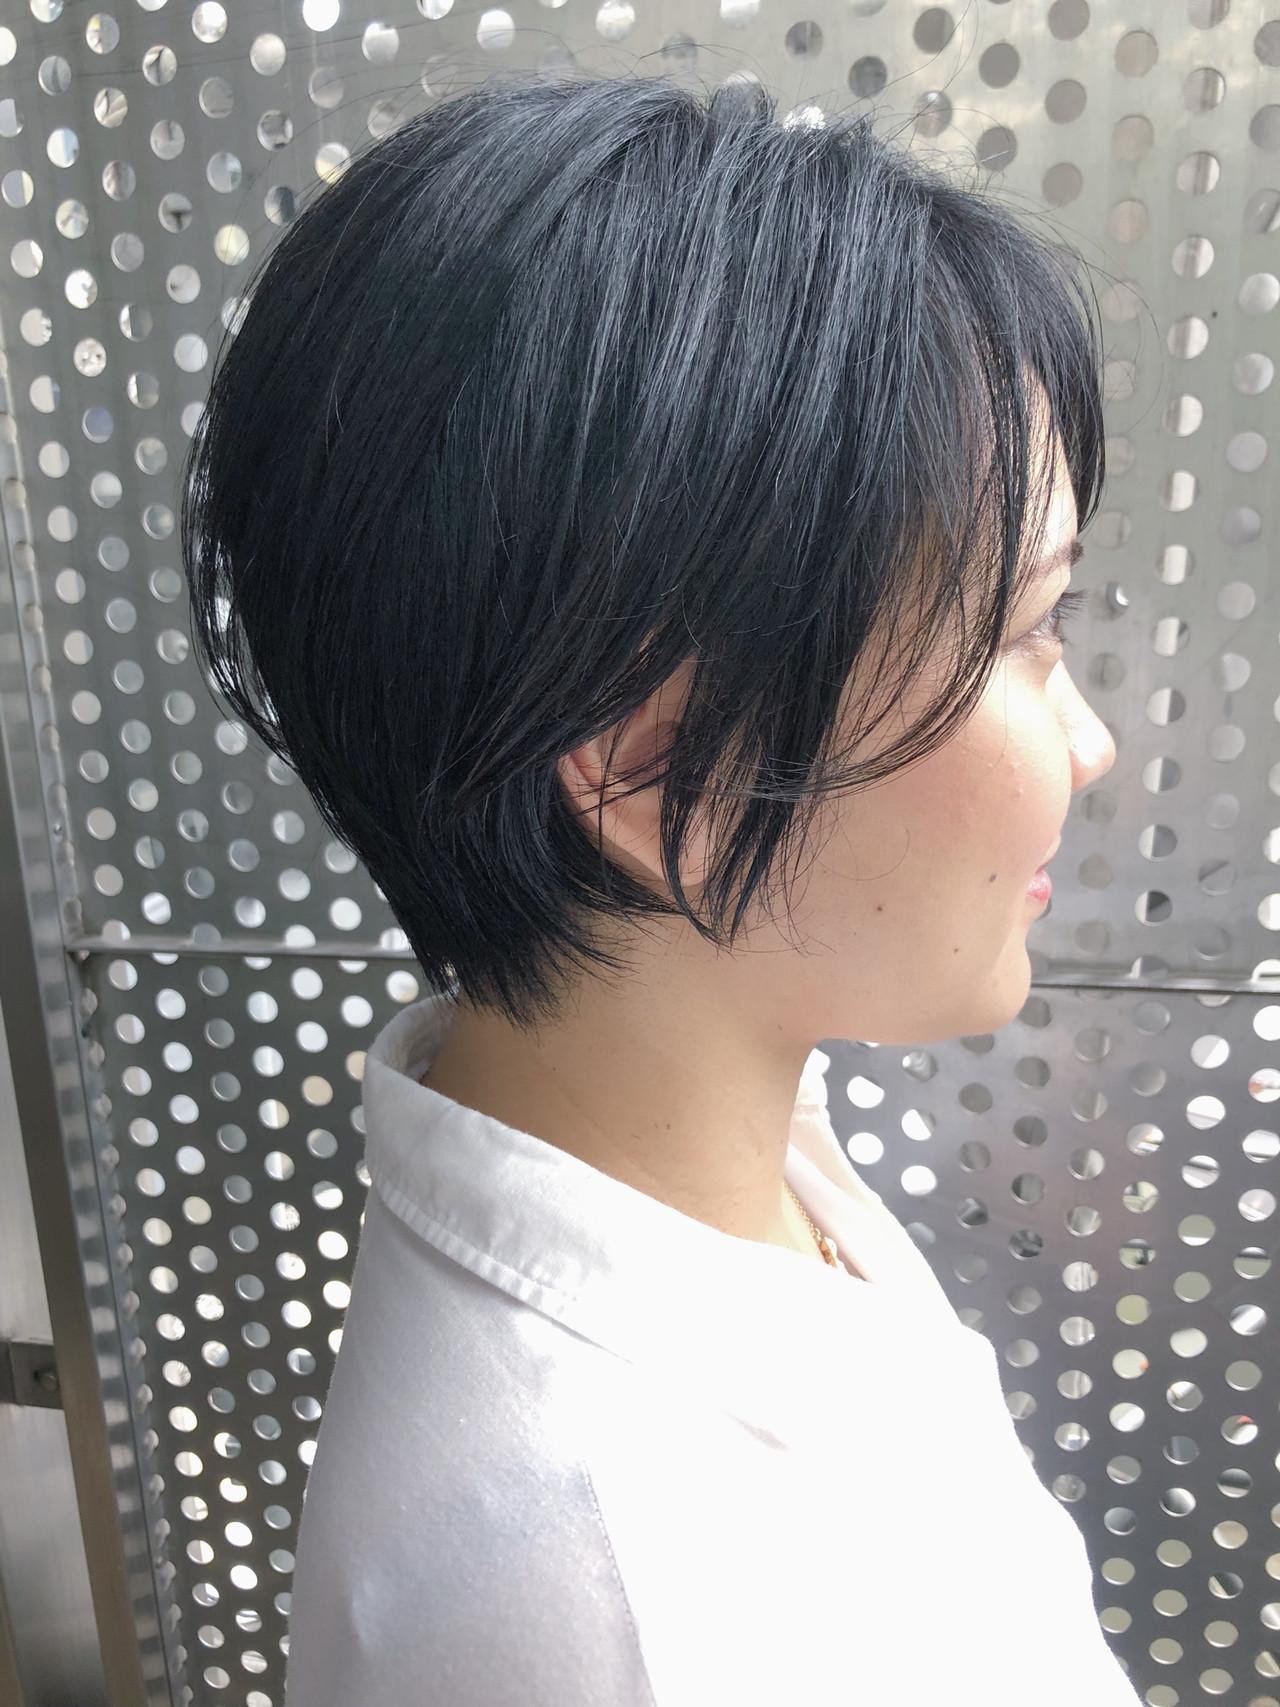 黒髪 パーマ ナチュラル ショート ヘアスタイルや髪型の写真・画像 | 金子颯汰/ kyli表参道 / kyli表参道